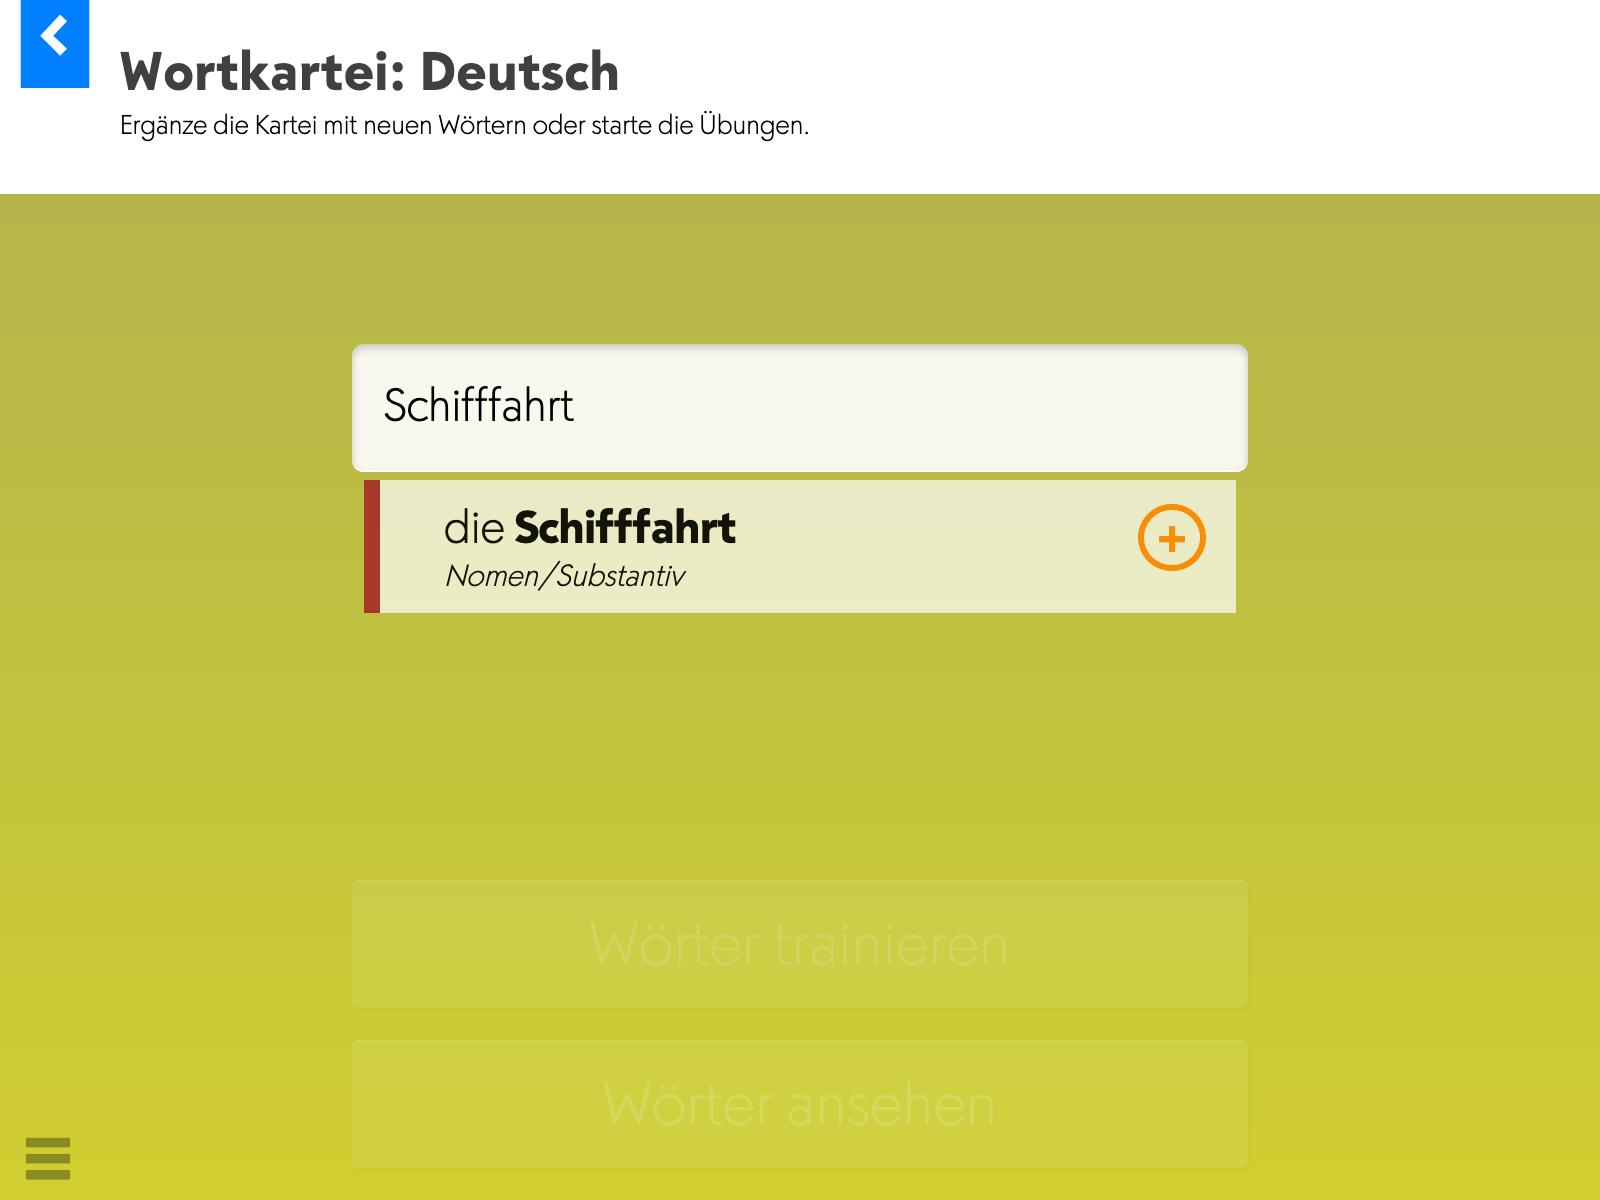 Wortkartei: Deutsch – Startseite